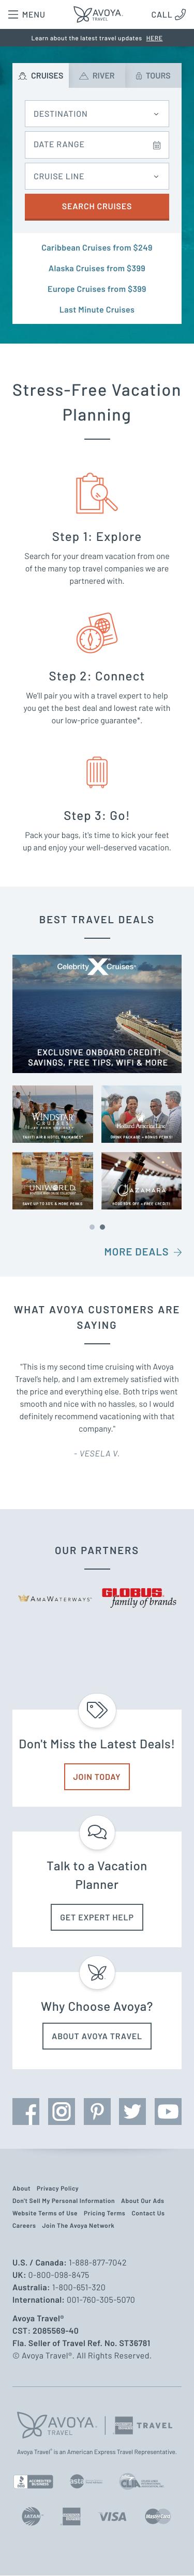 Avoya Travel Coupon